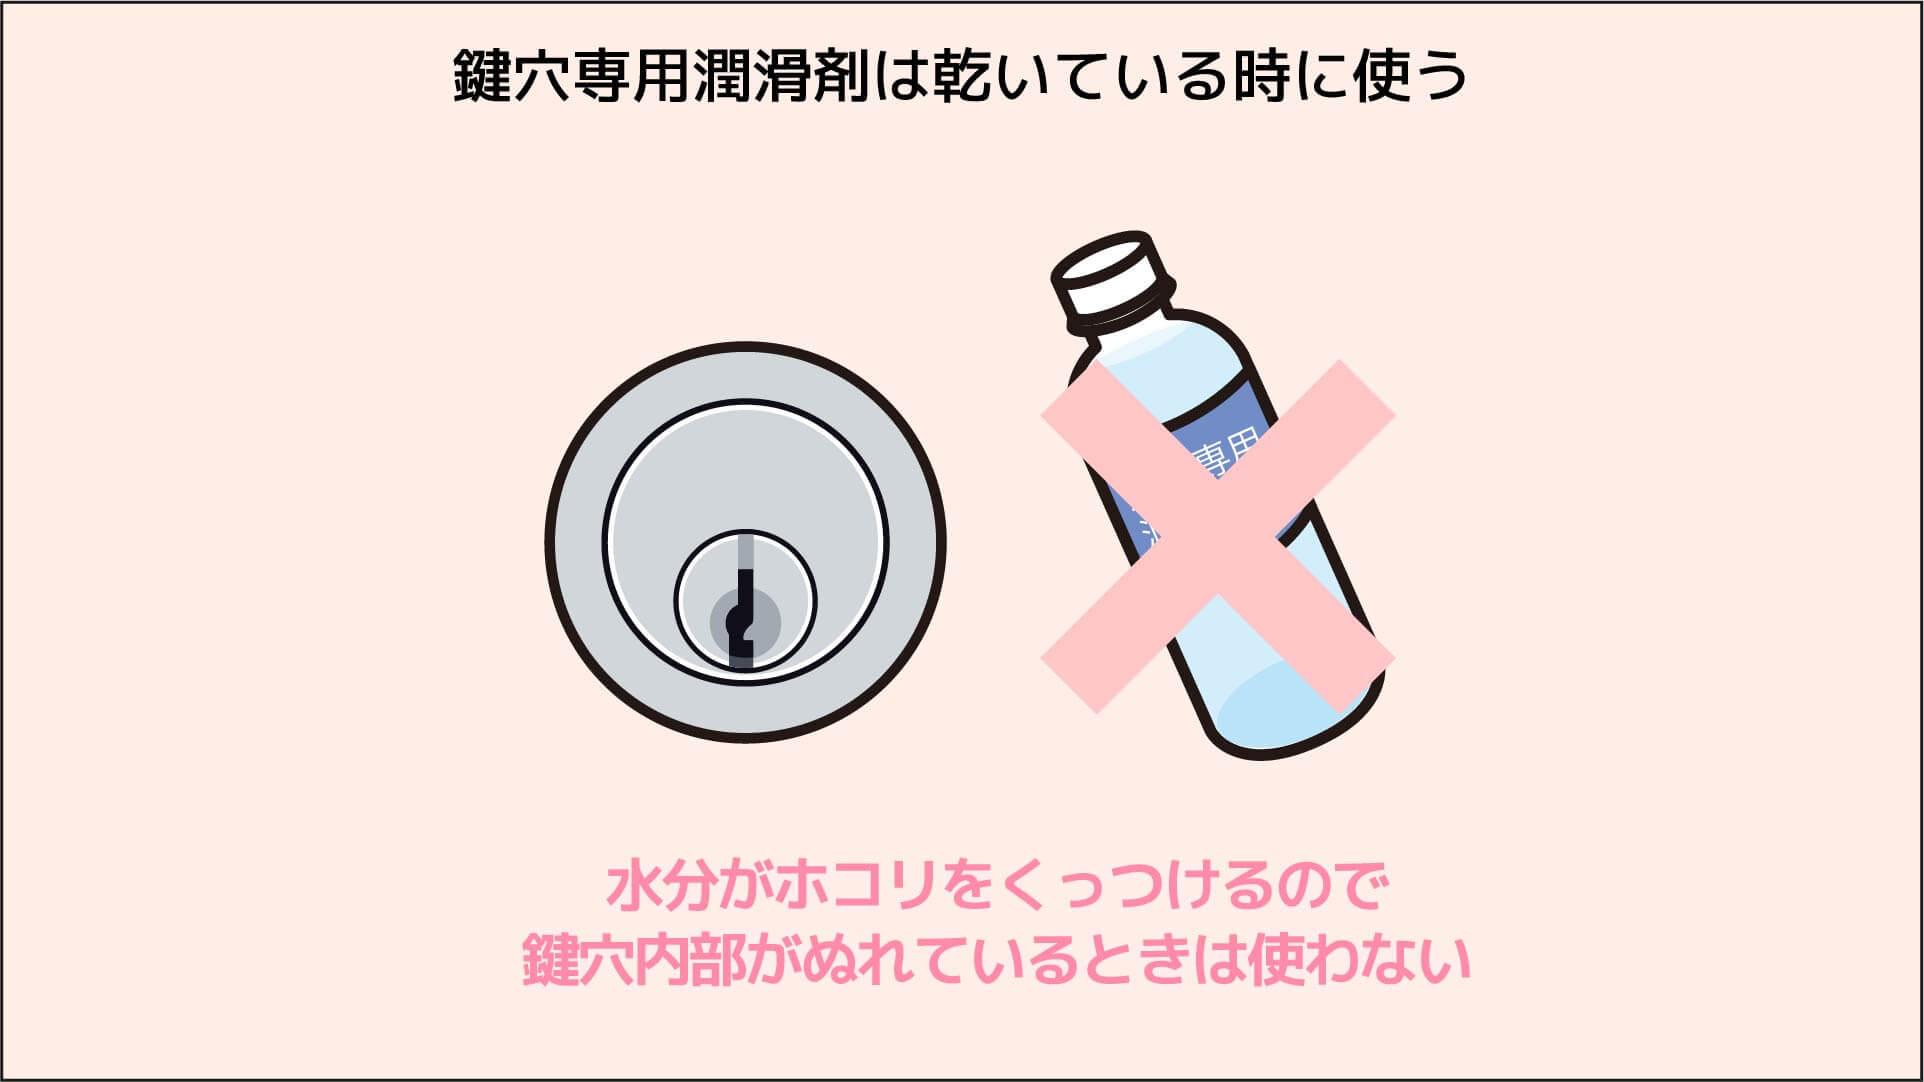 鍵穴専用潤滑剤は乾いている時に使う